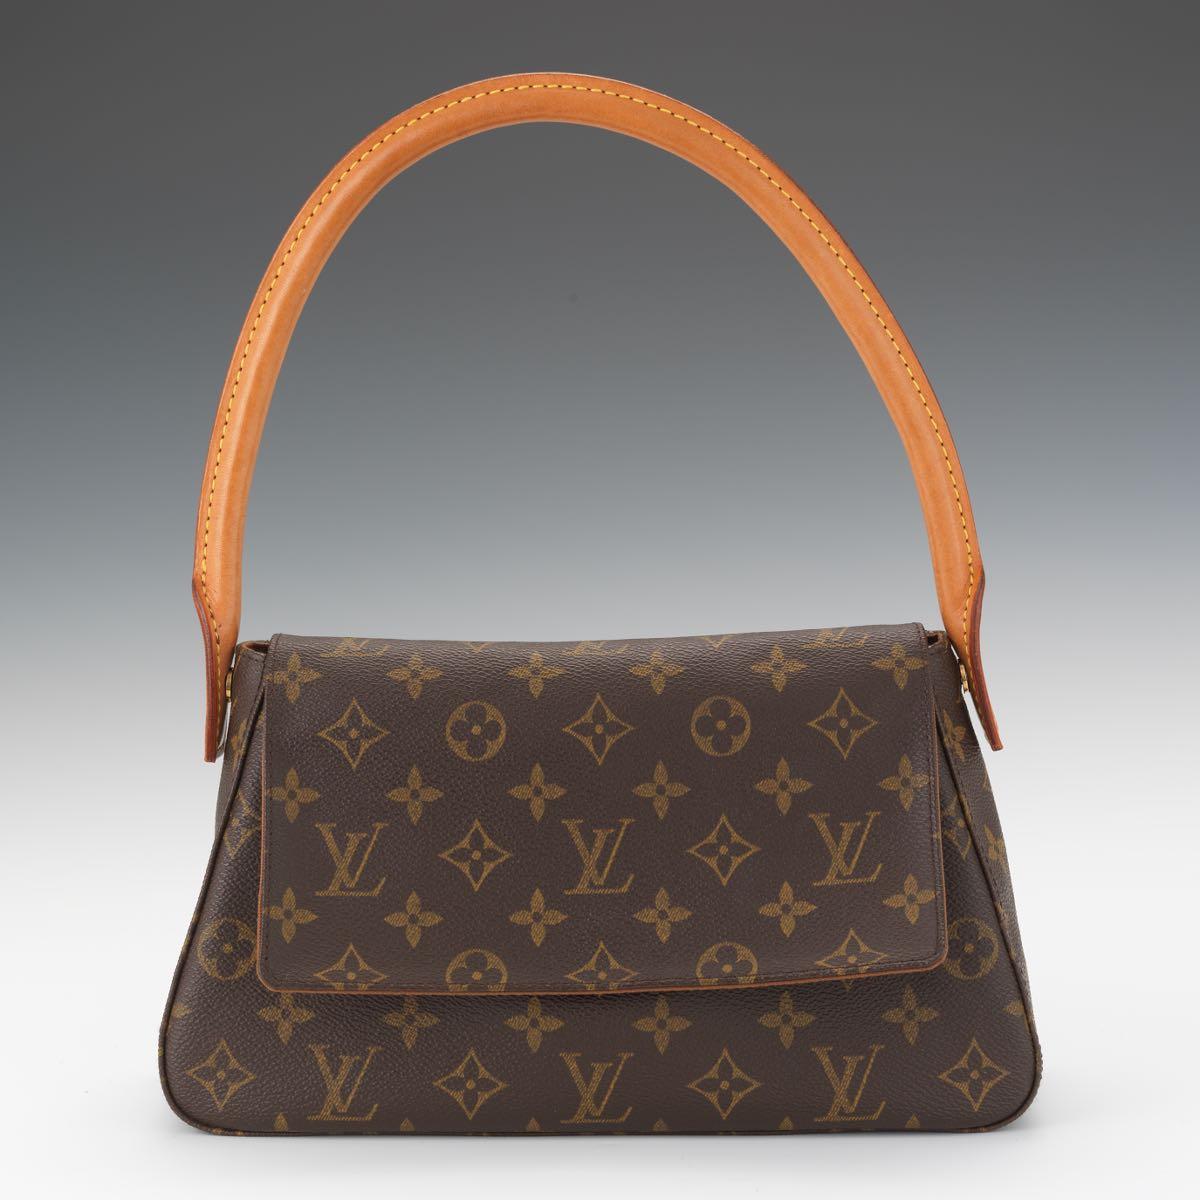 bc1aa45bbe5b Louis Vuitton Monogram Canvas Mini Looping Bag